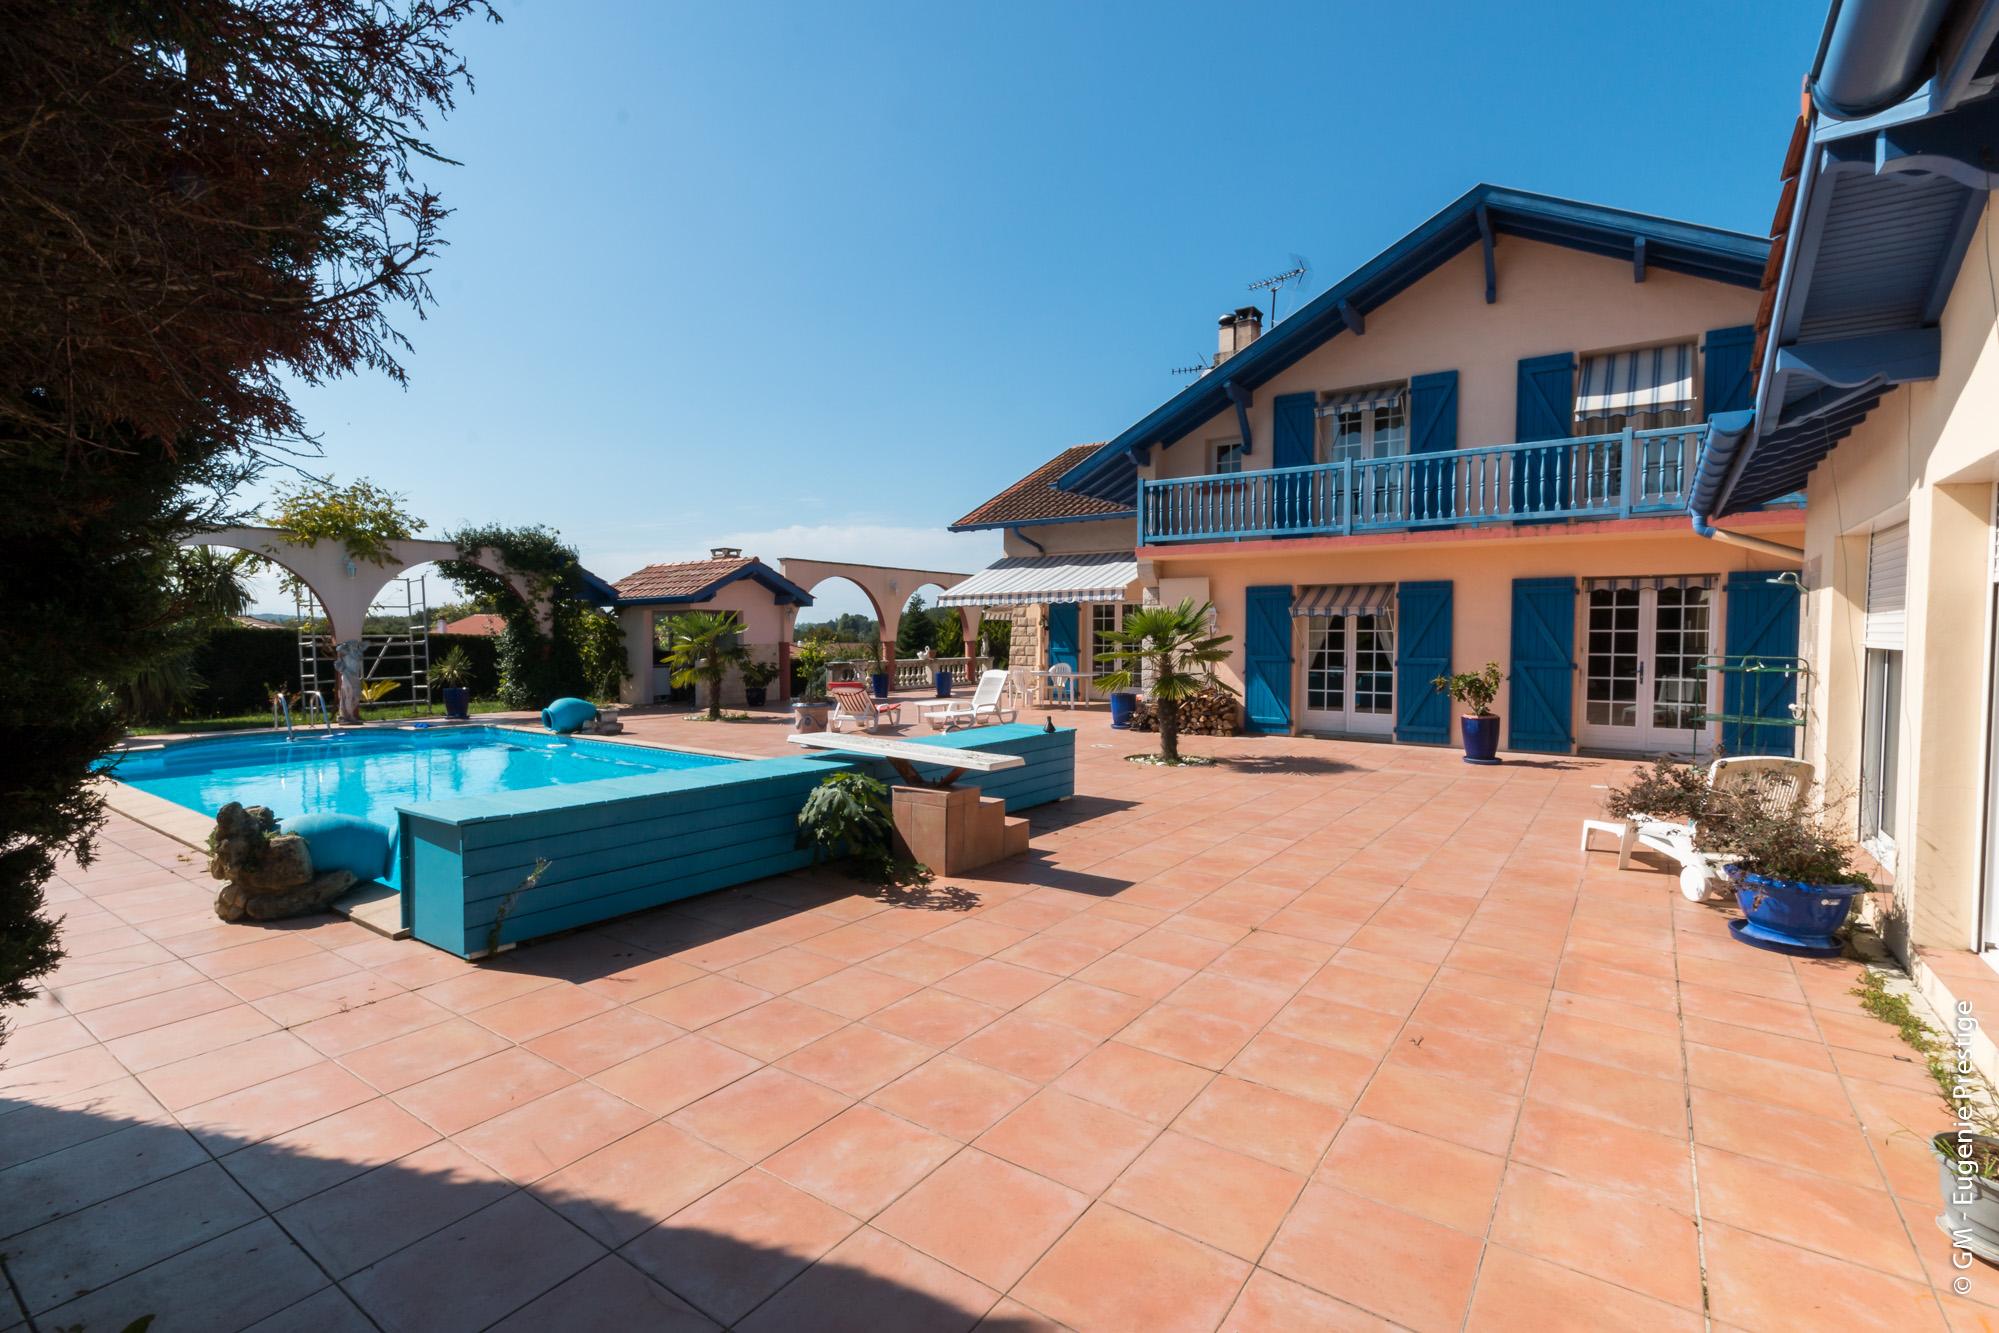 Maison 10 pièces de 345 m² sur 4318 m² de terrain